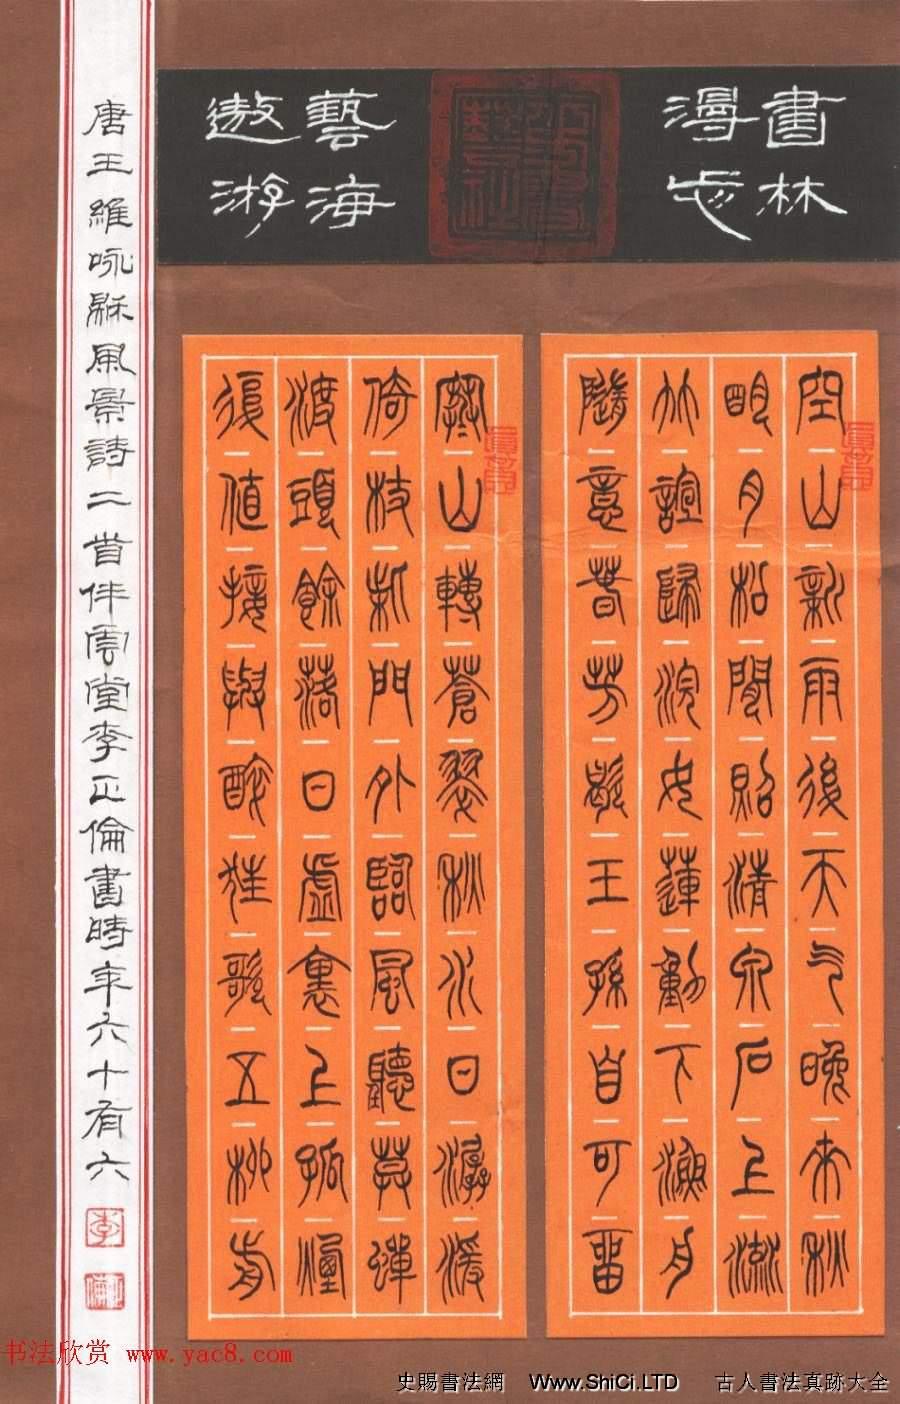 新浪潮首屆中國硬筆書法網絡大展賽獲獎作品欣賞